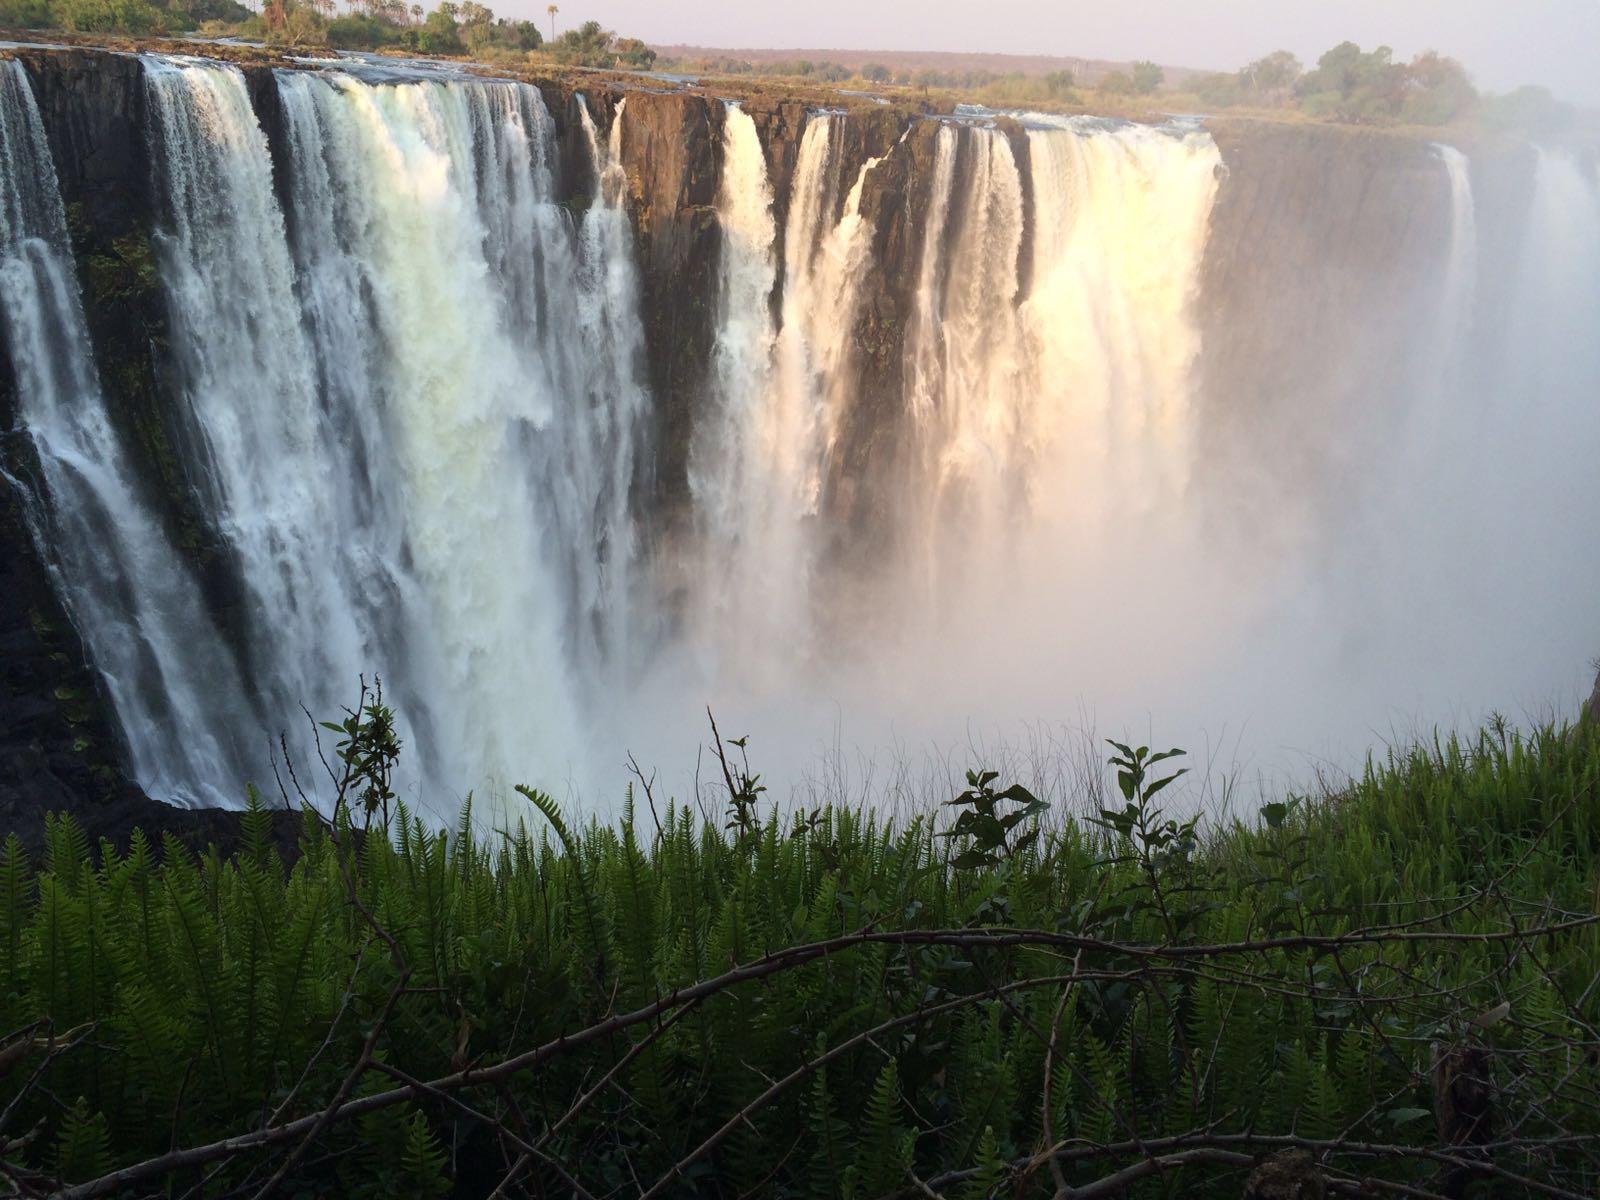 Quick shot of Victoria Falls